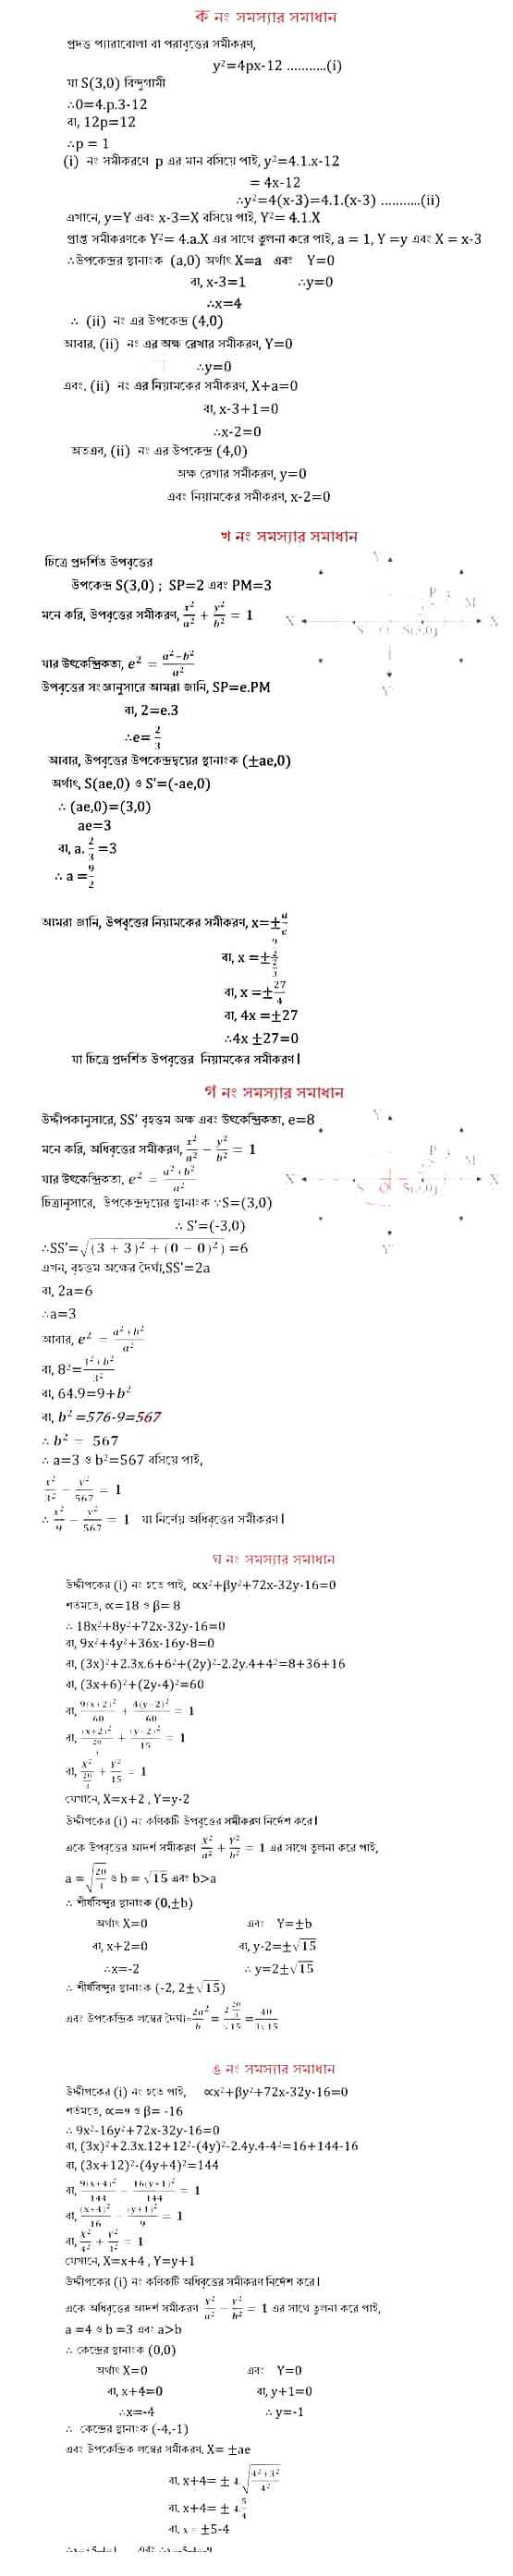 3rd Week HSC Assignment 2021 Higher Math Answer